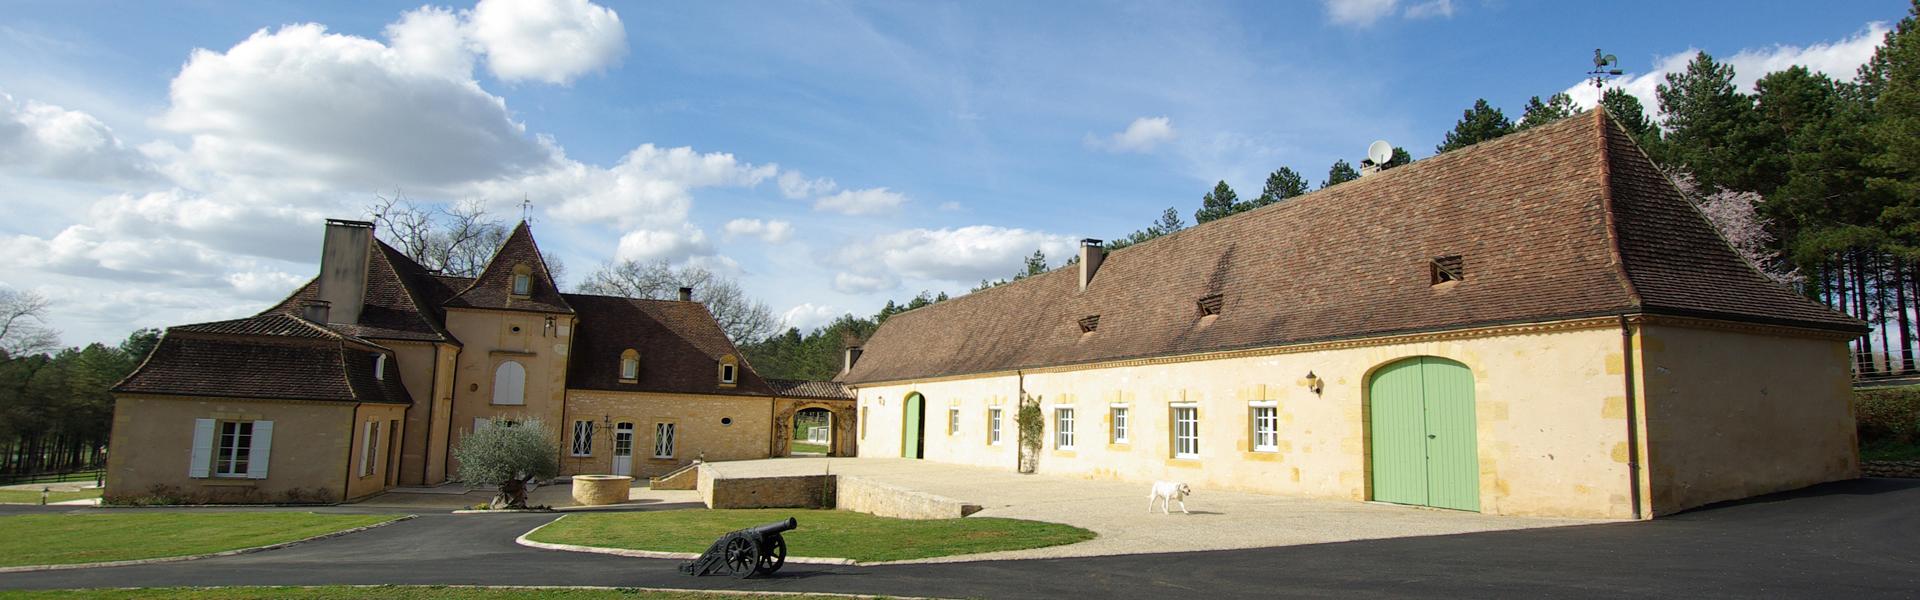 Vente château Périgord parc façade